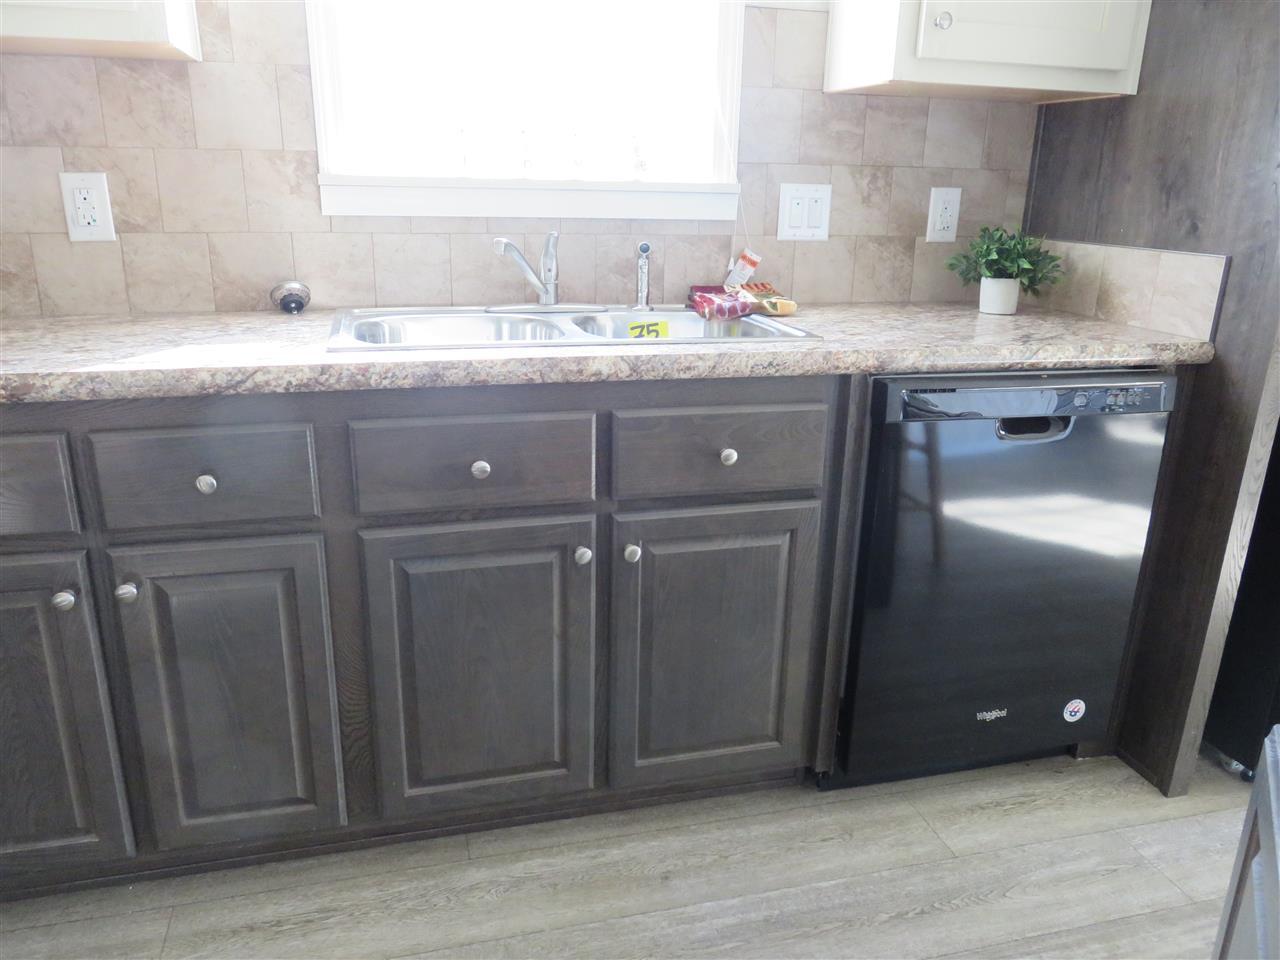 Dishwasher 12325654